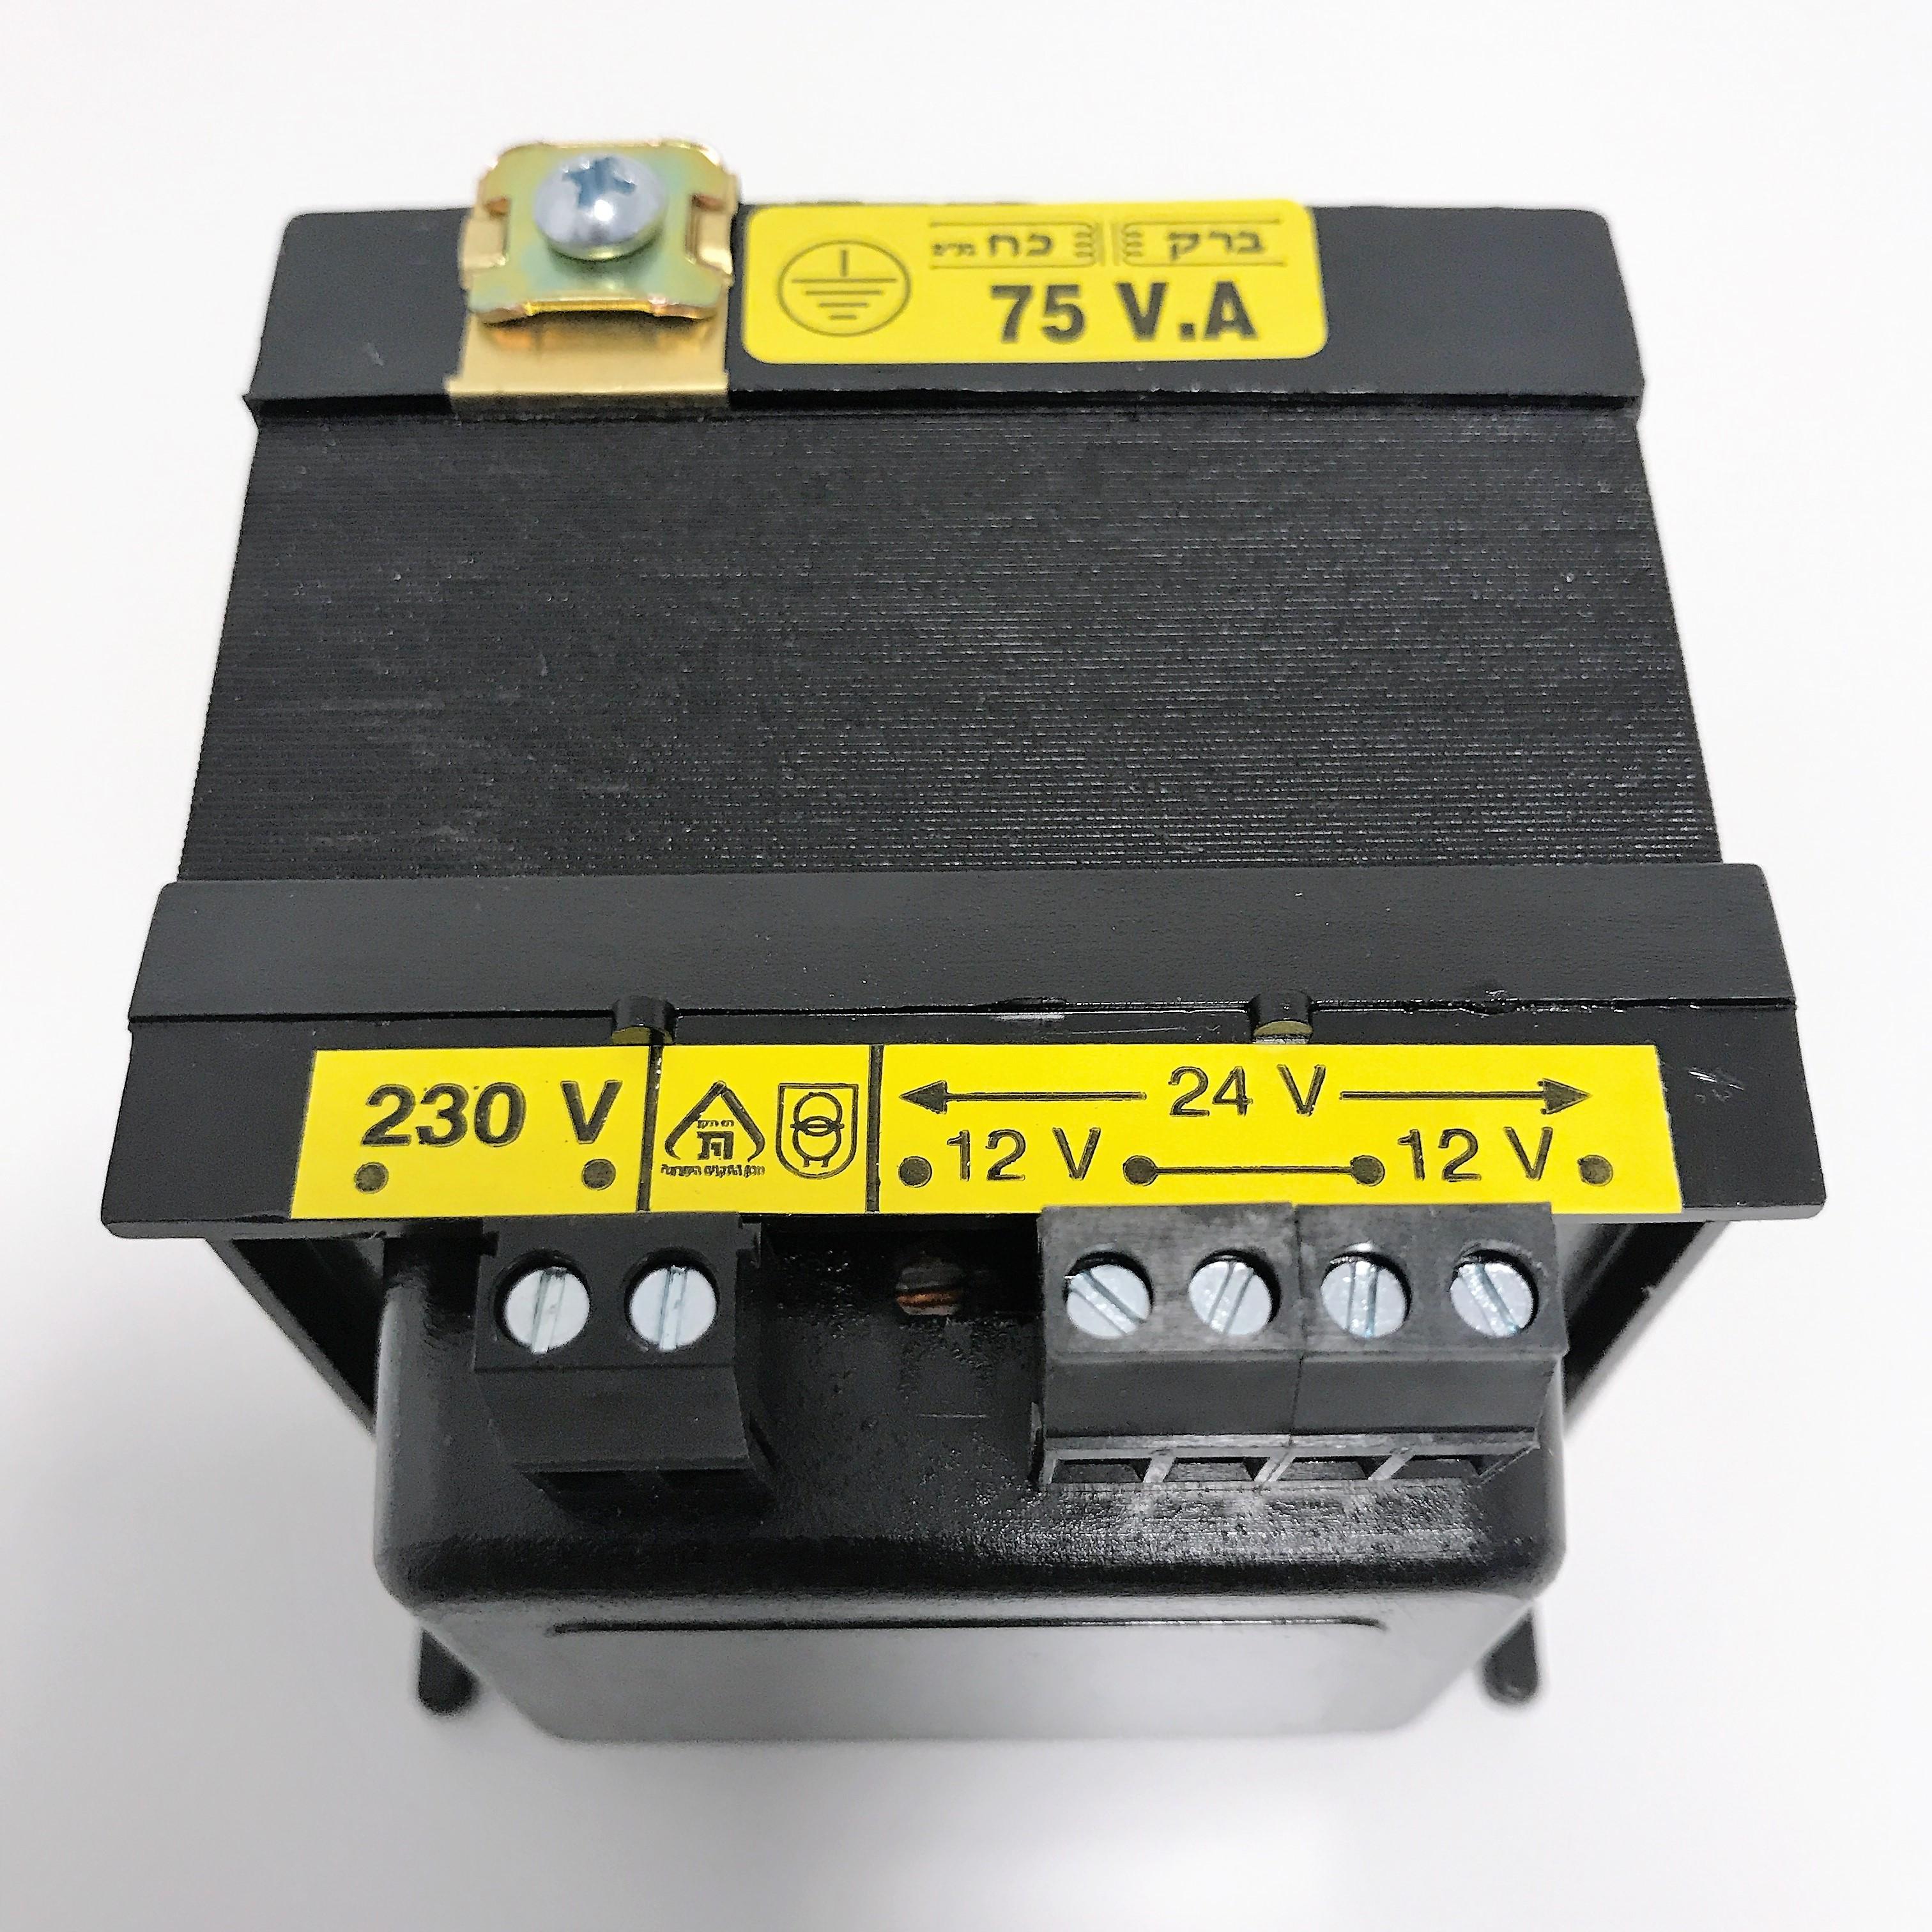 שנאי מבדל בהספק 75VA במתחים 230V-12V+12V